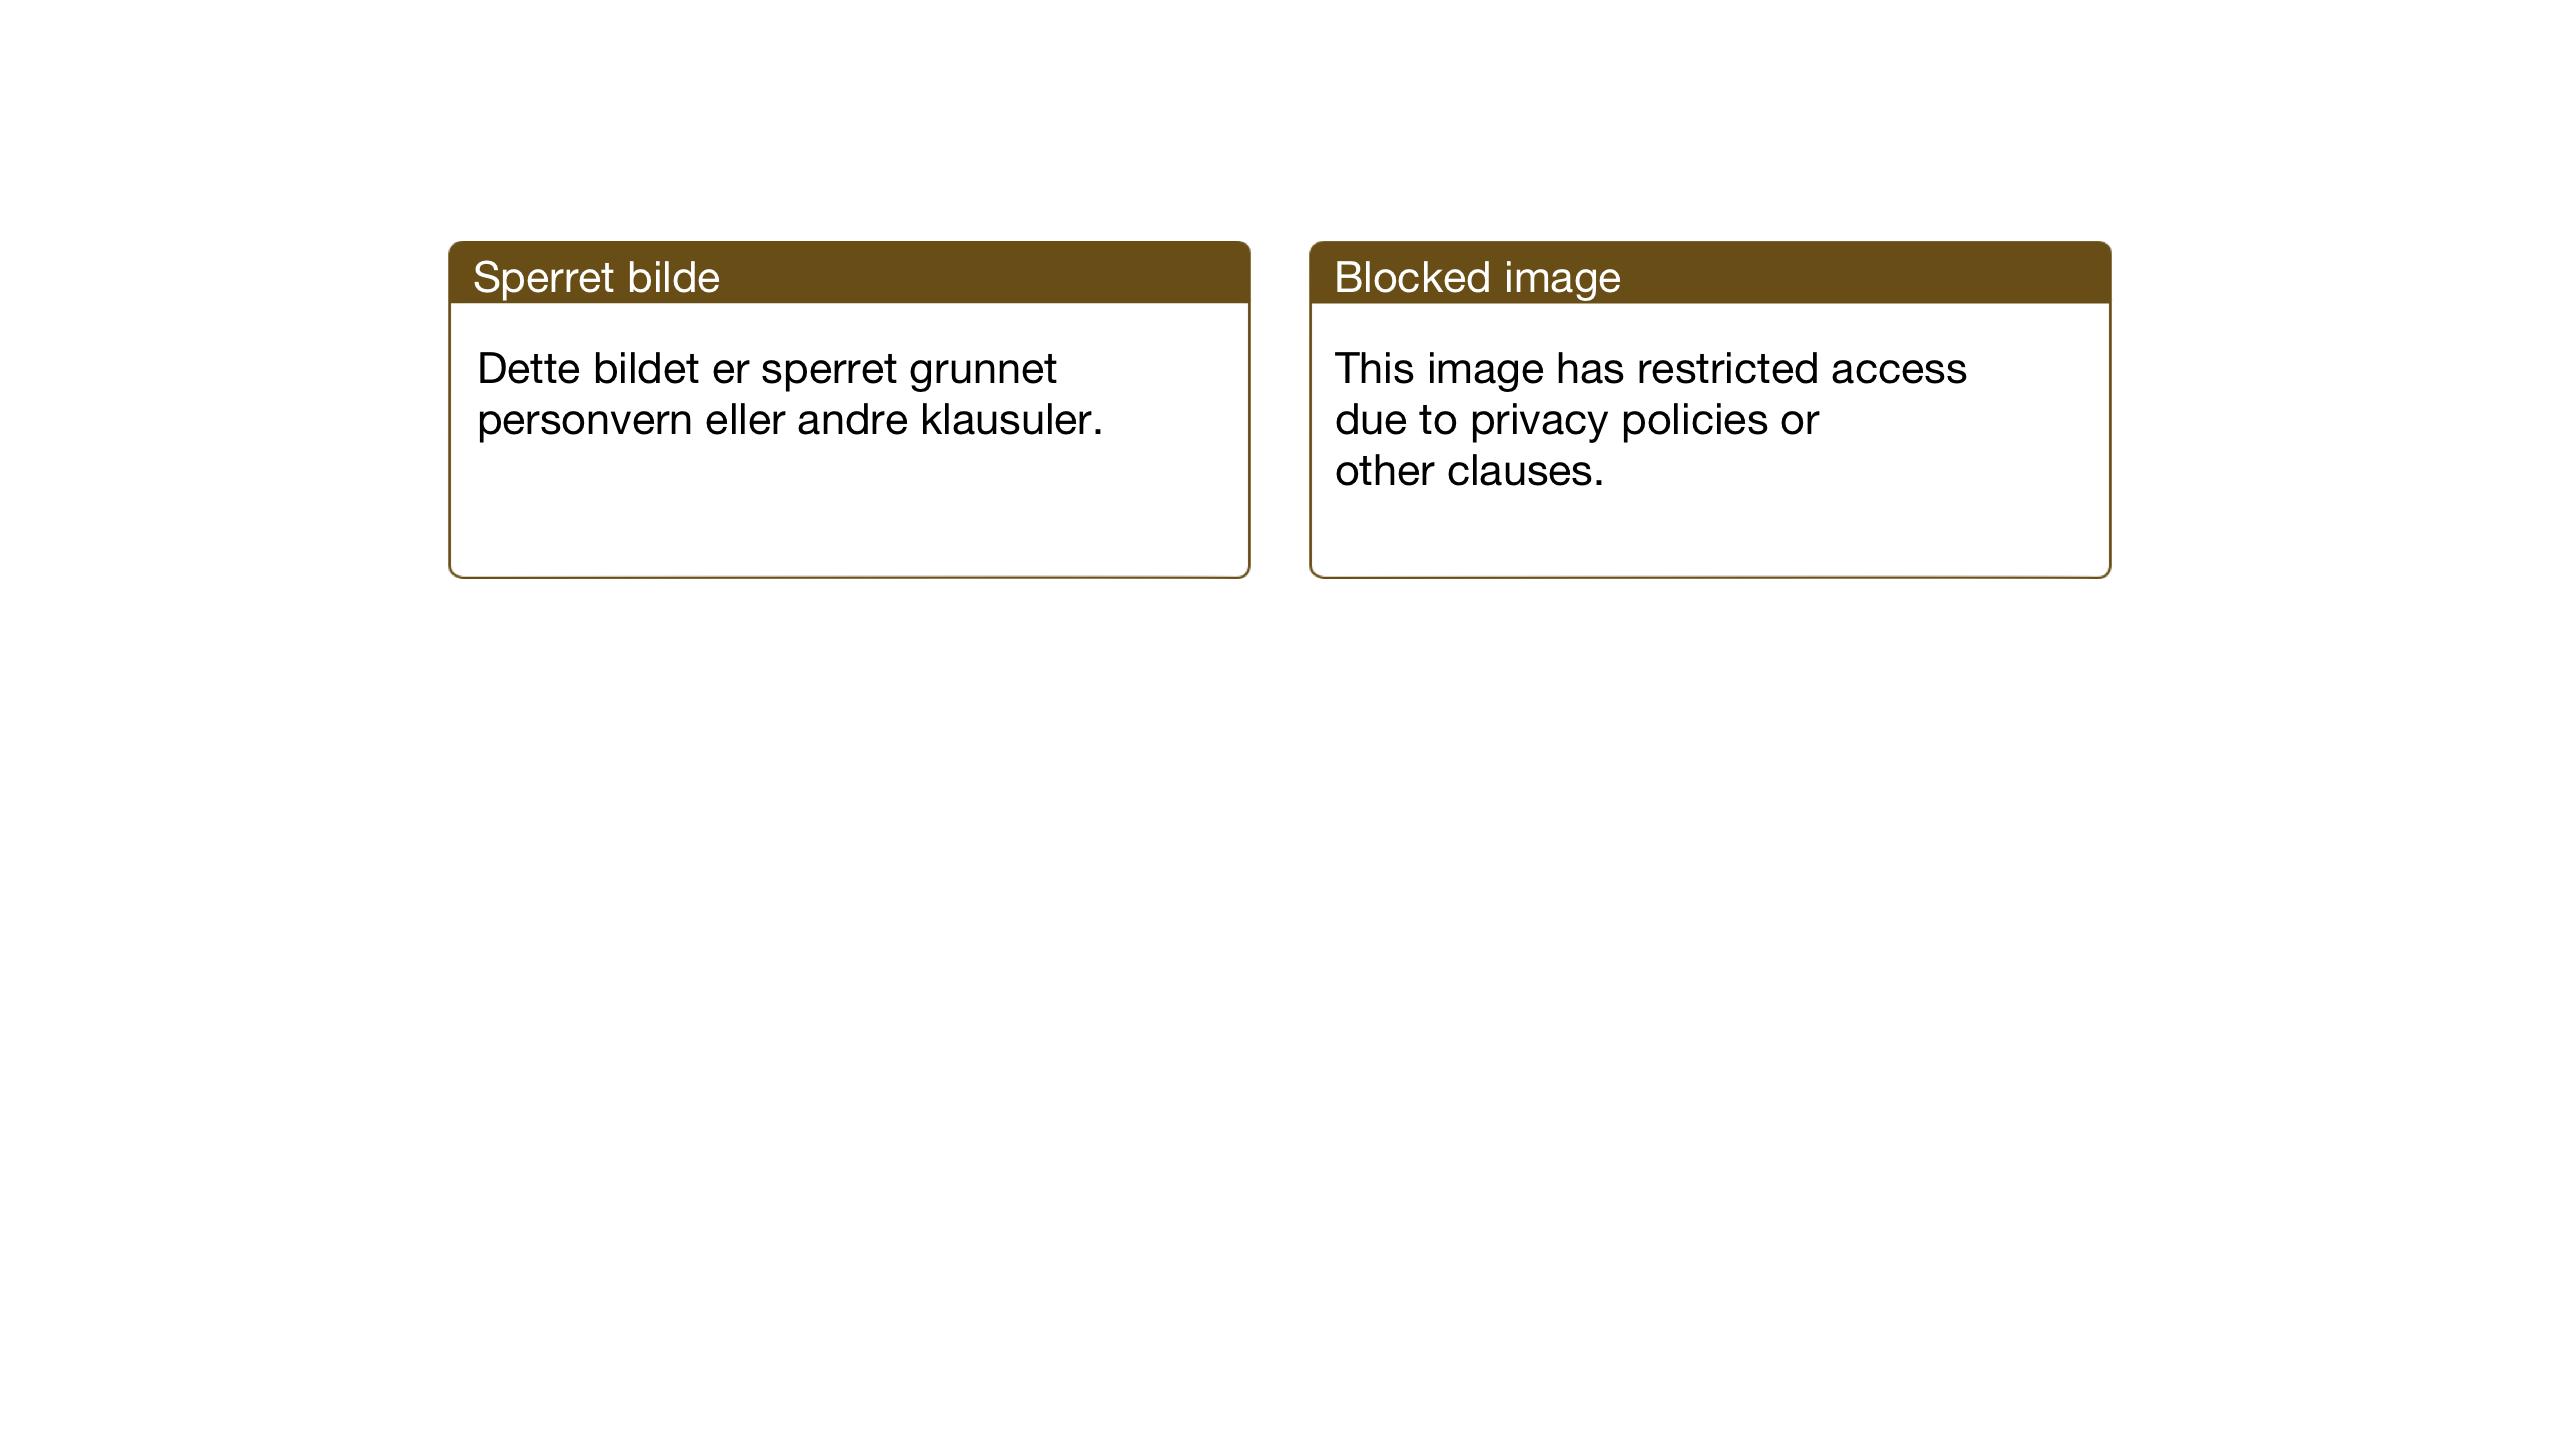 SAT, Ministerialprotokoller, klokkerbøker og fødselsregistre - Sør-Trøndelag, 696/L1161: Klokkerbok nr. 696C01, 1902-1950, s. 61